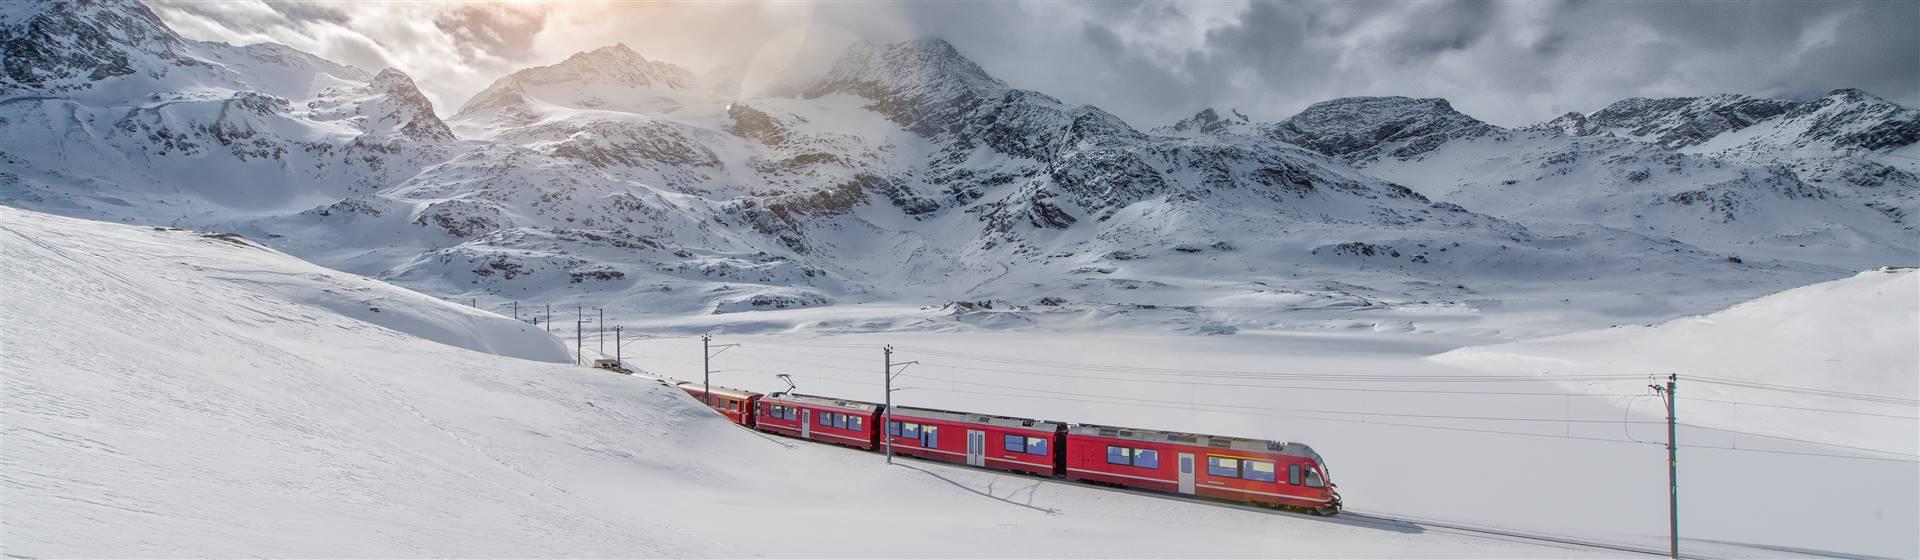 """<img src=""""scsta2020-adobestock_104170773.jpeg"""" alt=""""The Glacier Express""""/>"""